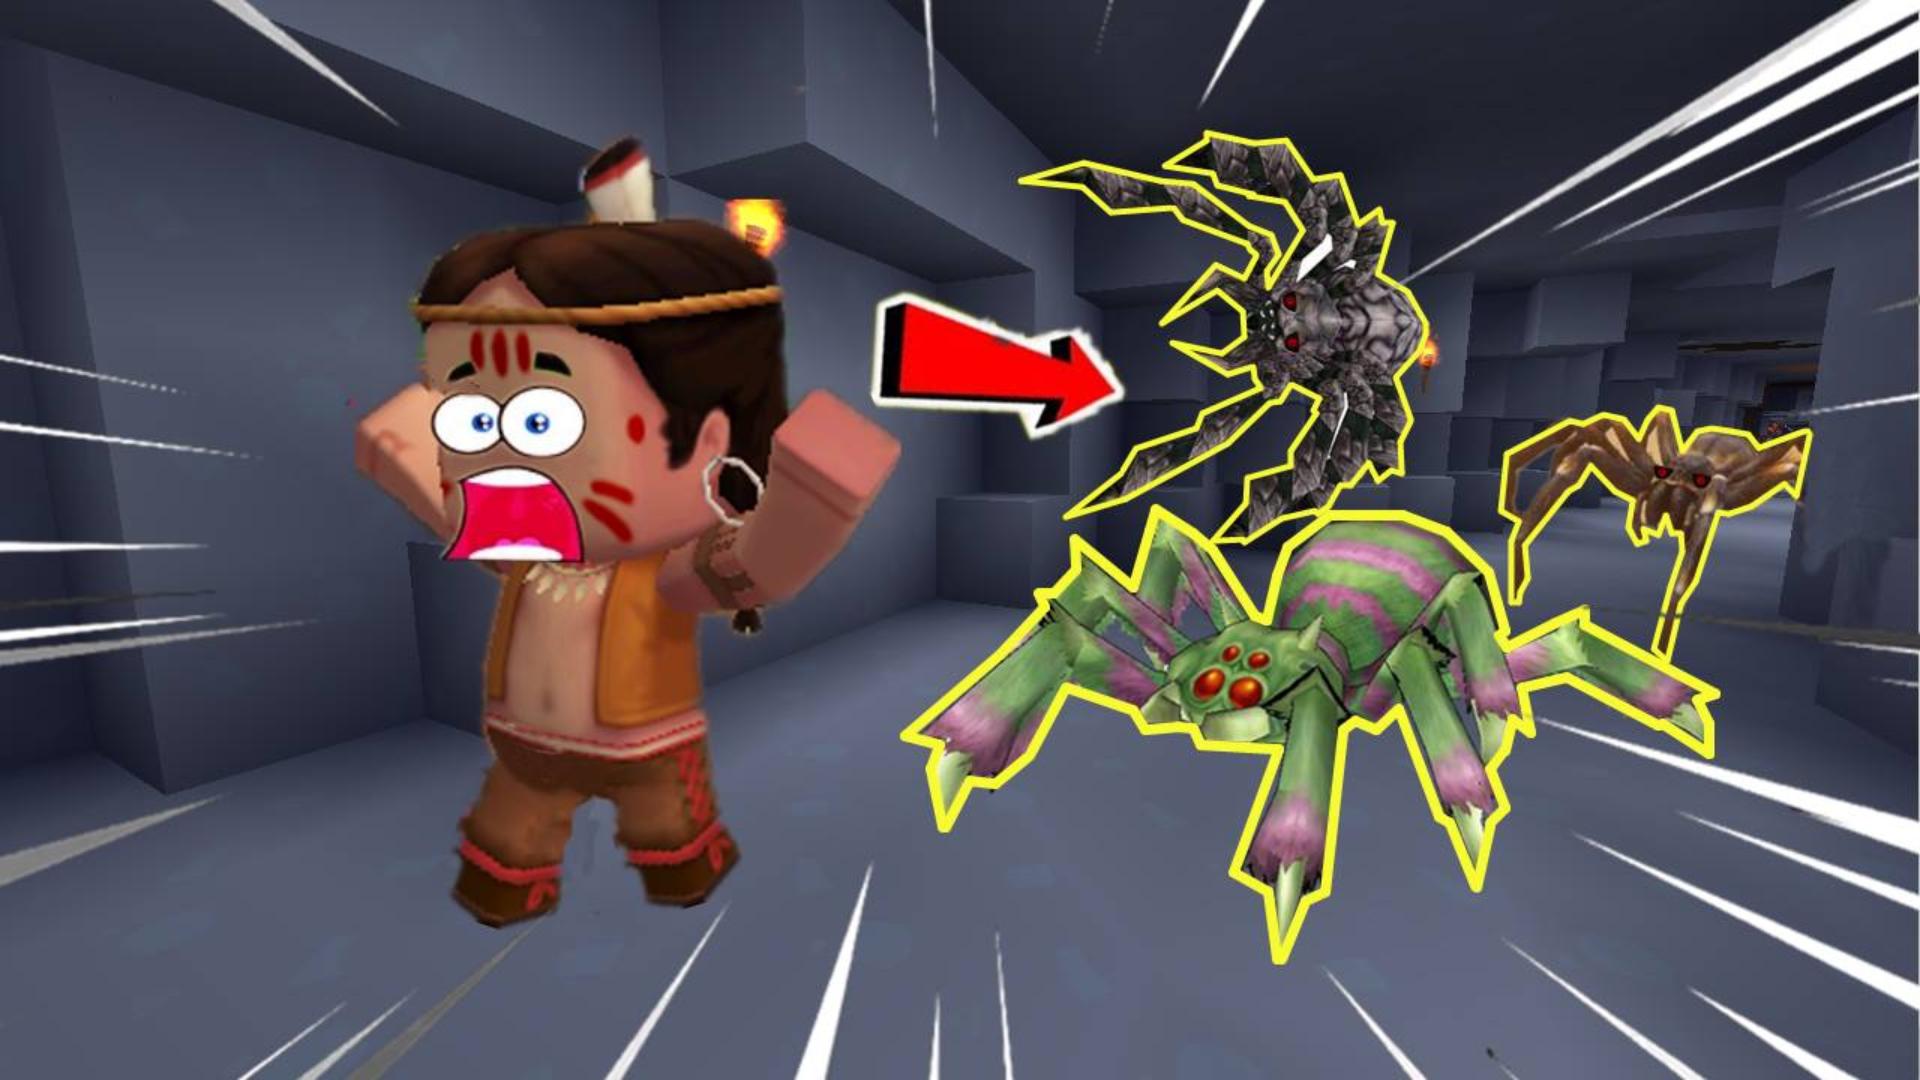 迷你世界荒岛生存25:小表弟下矿寻找物资,却被一群蜘蛛拦住去路